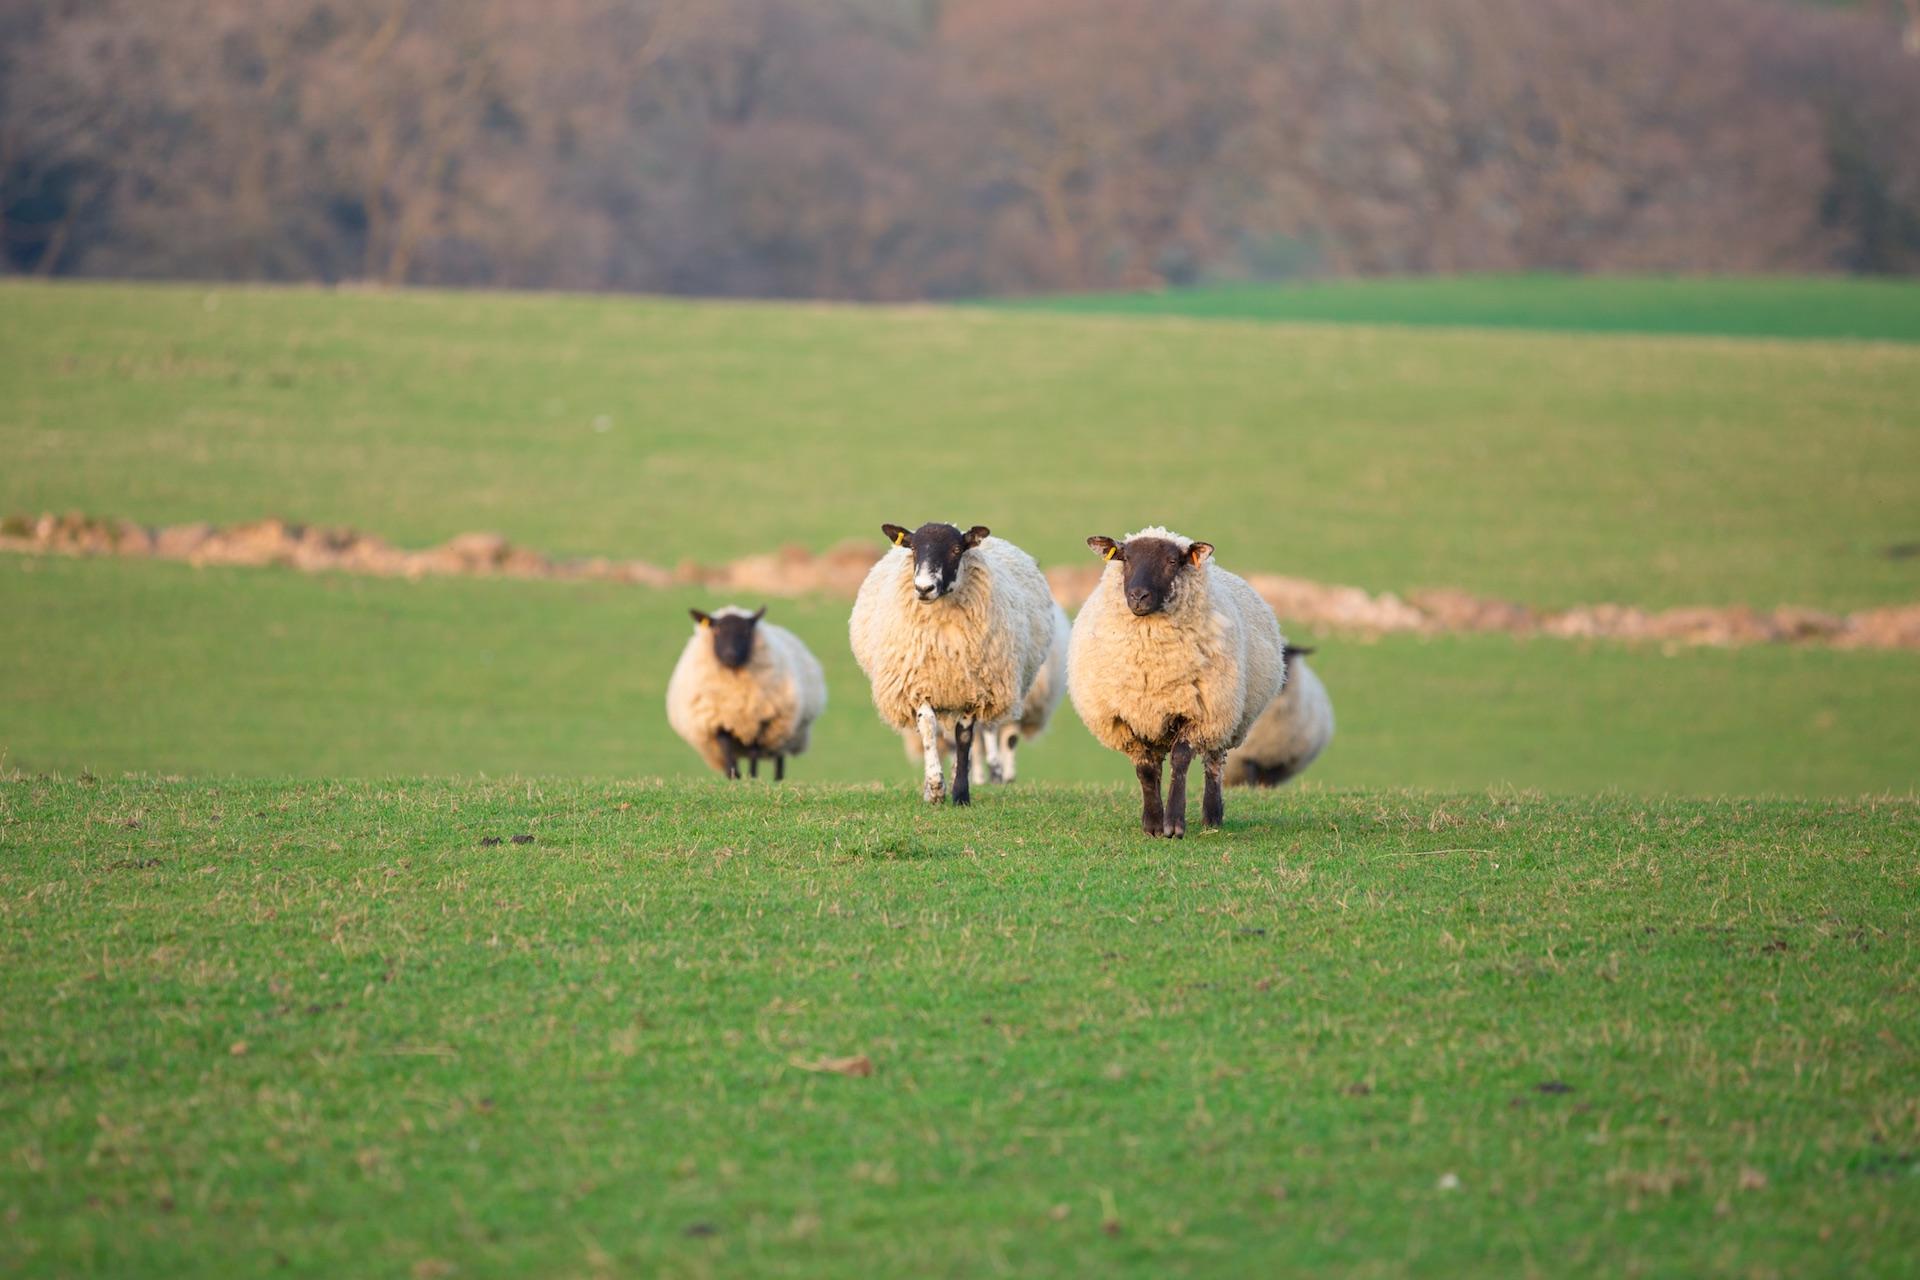 走在獅群前頭的綿羊 – 內向者的獨特領導個性